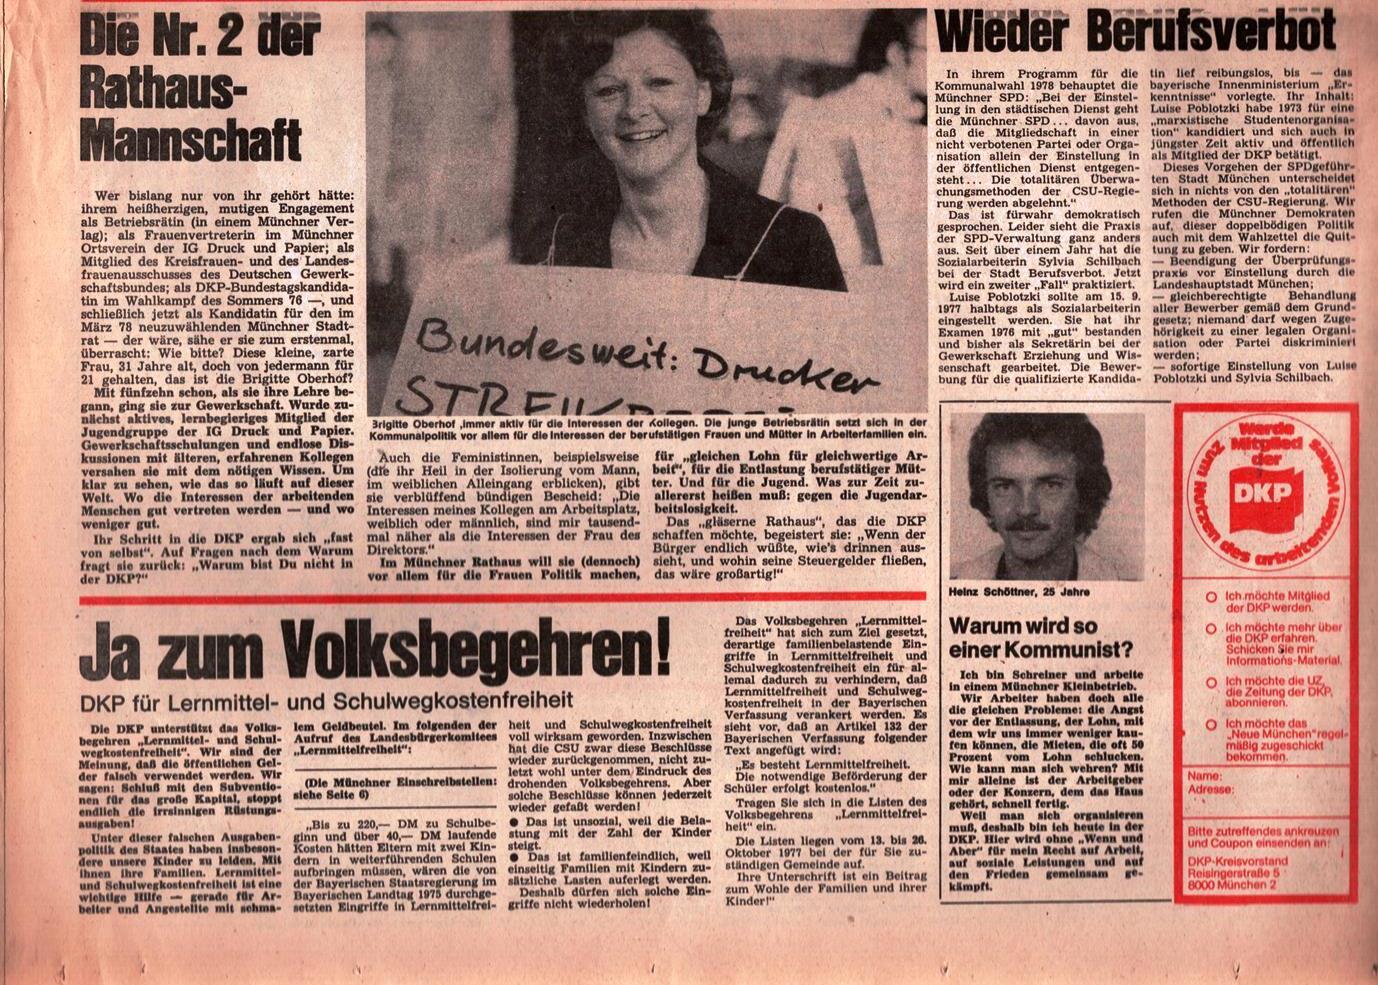 Muenchen_DKP_Neues_Muenchen_19771000_010_016